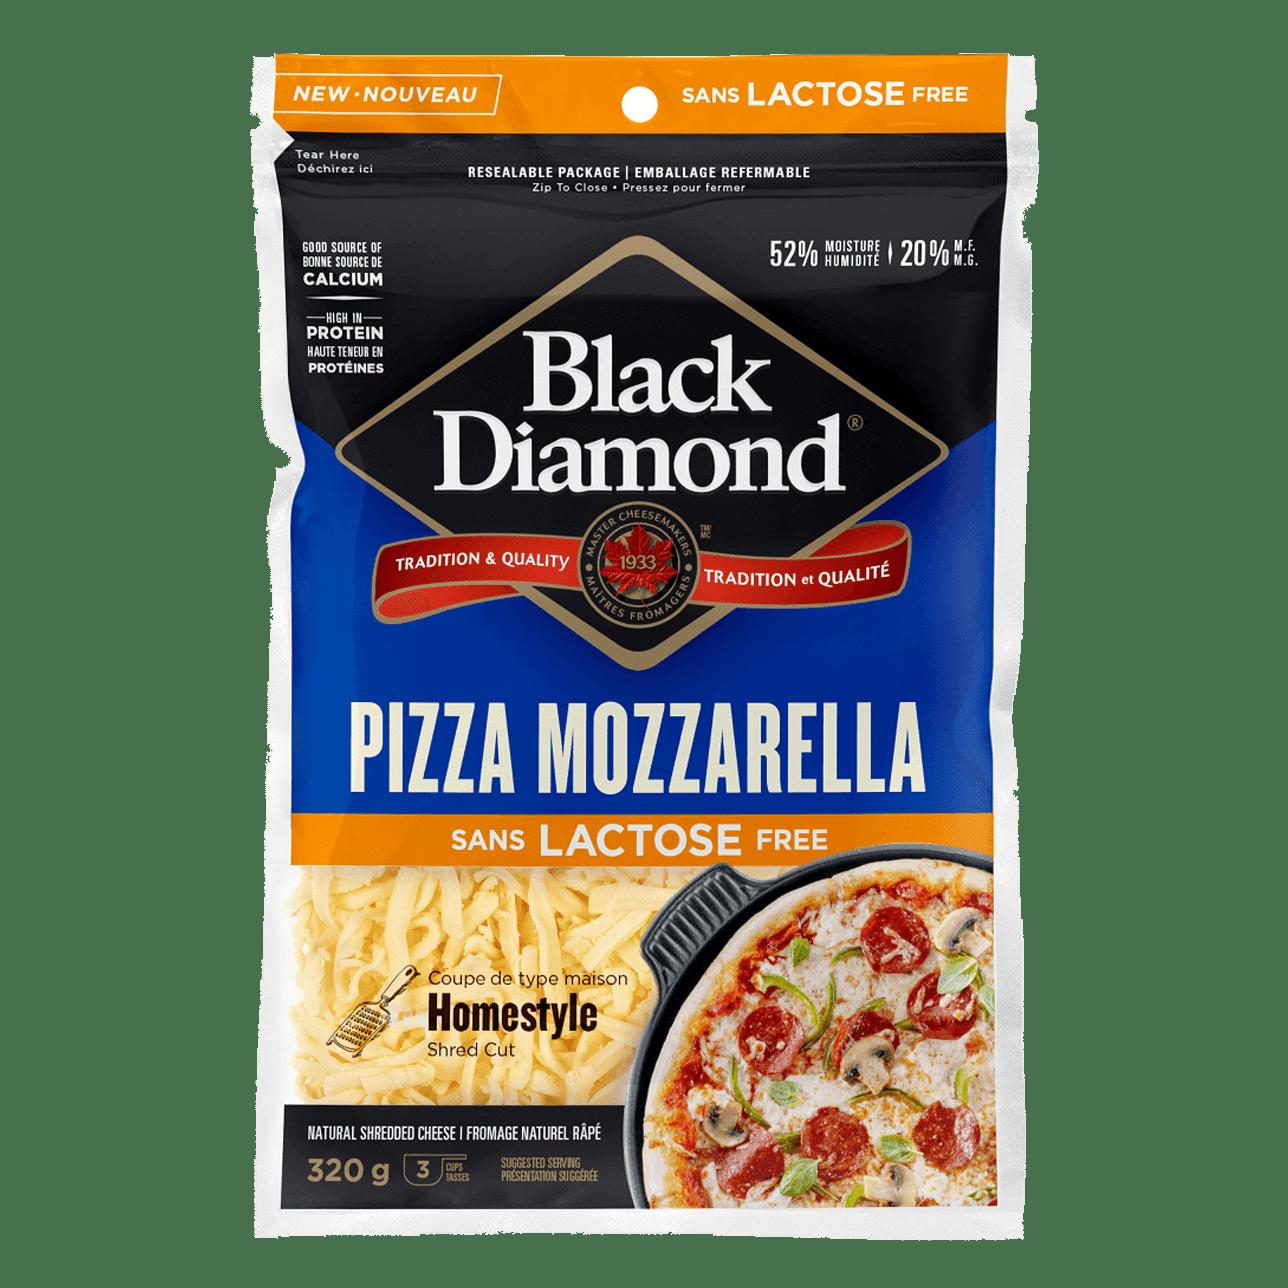 Pizza_Mozzarella_Lactose_Free_Shred